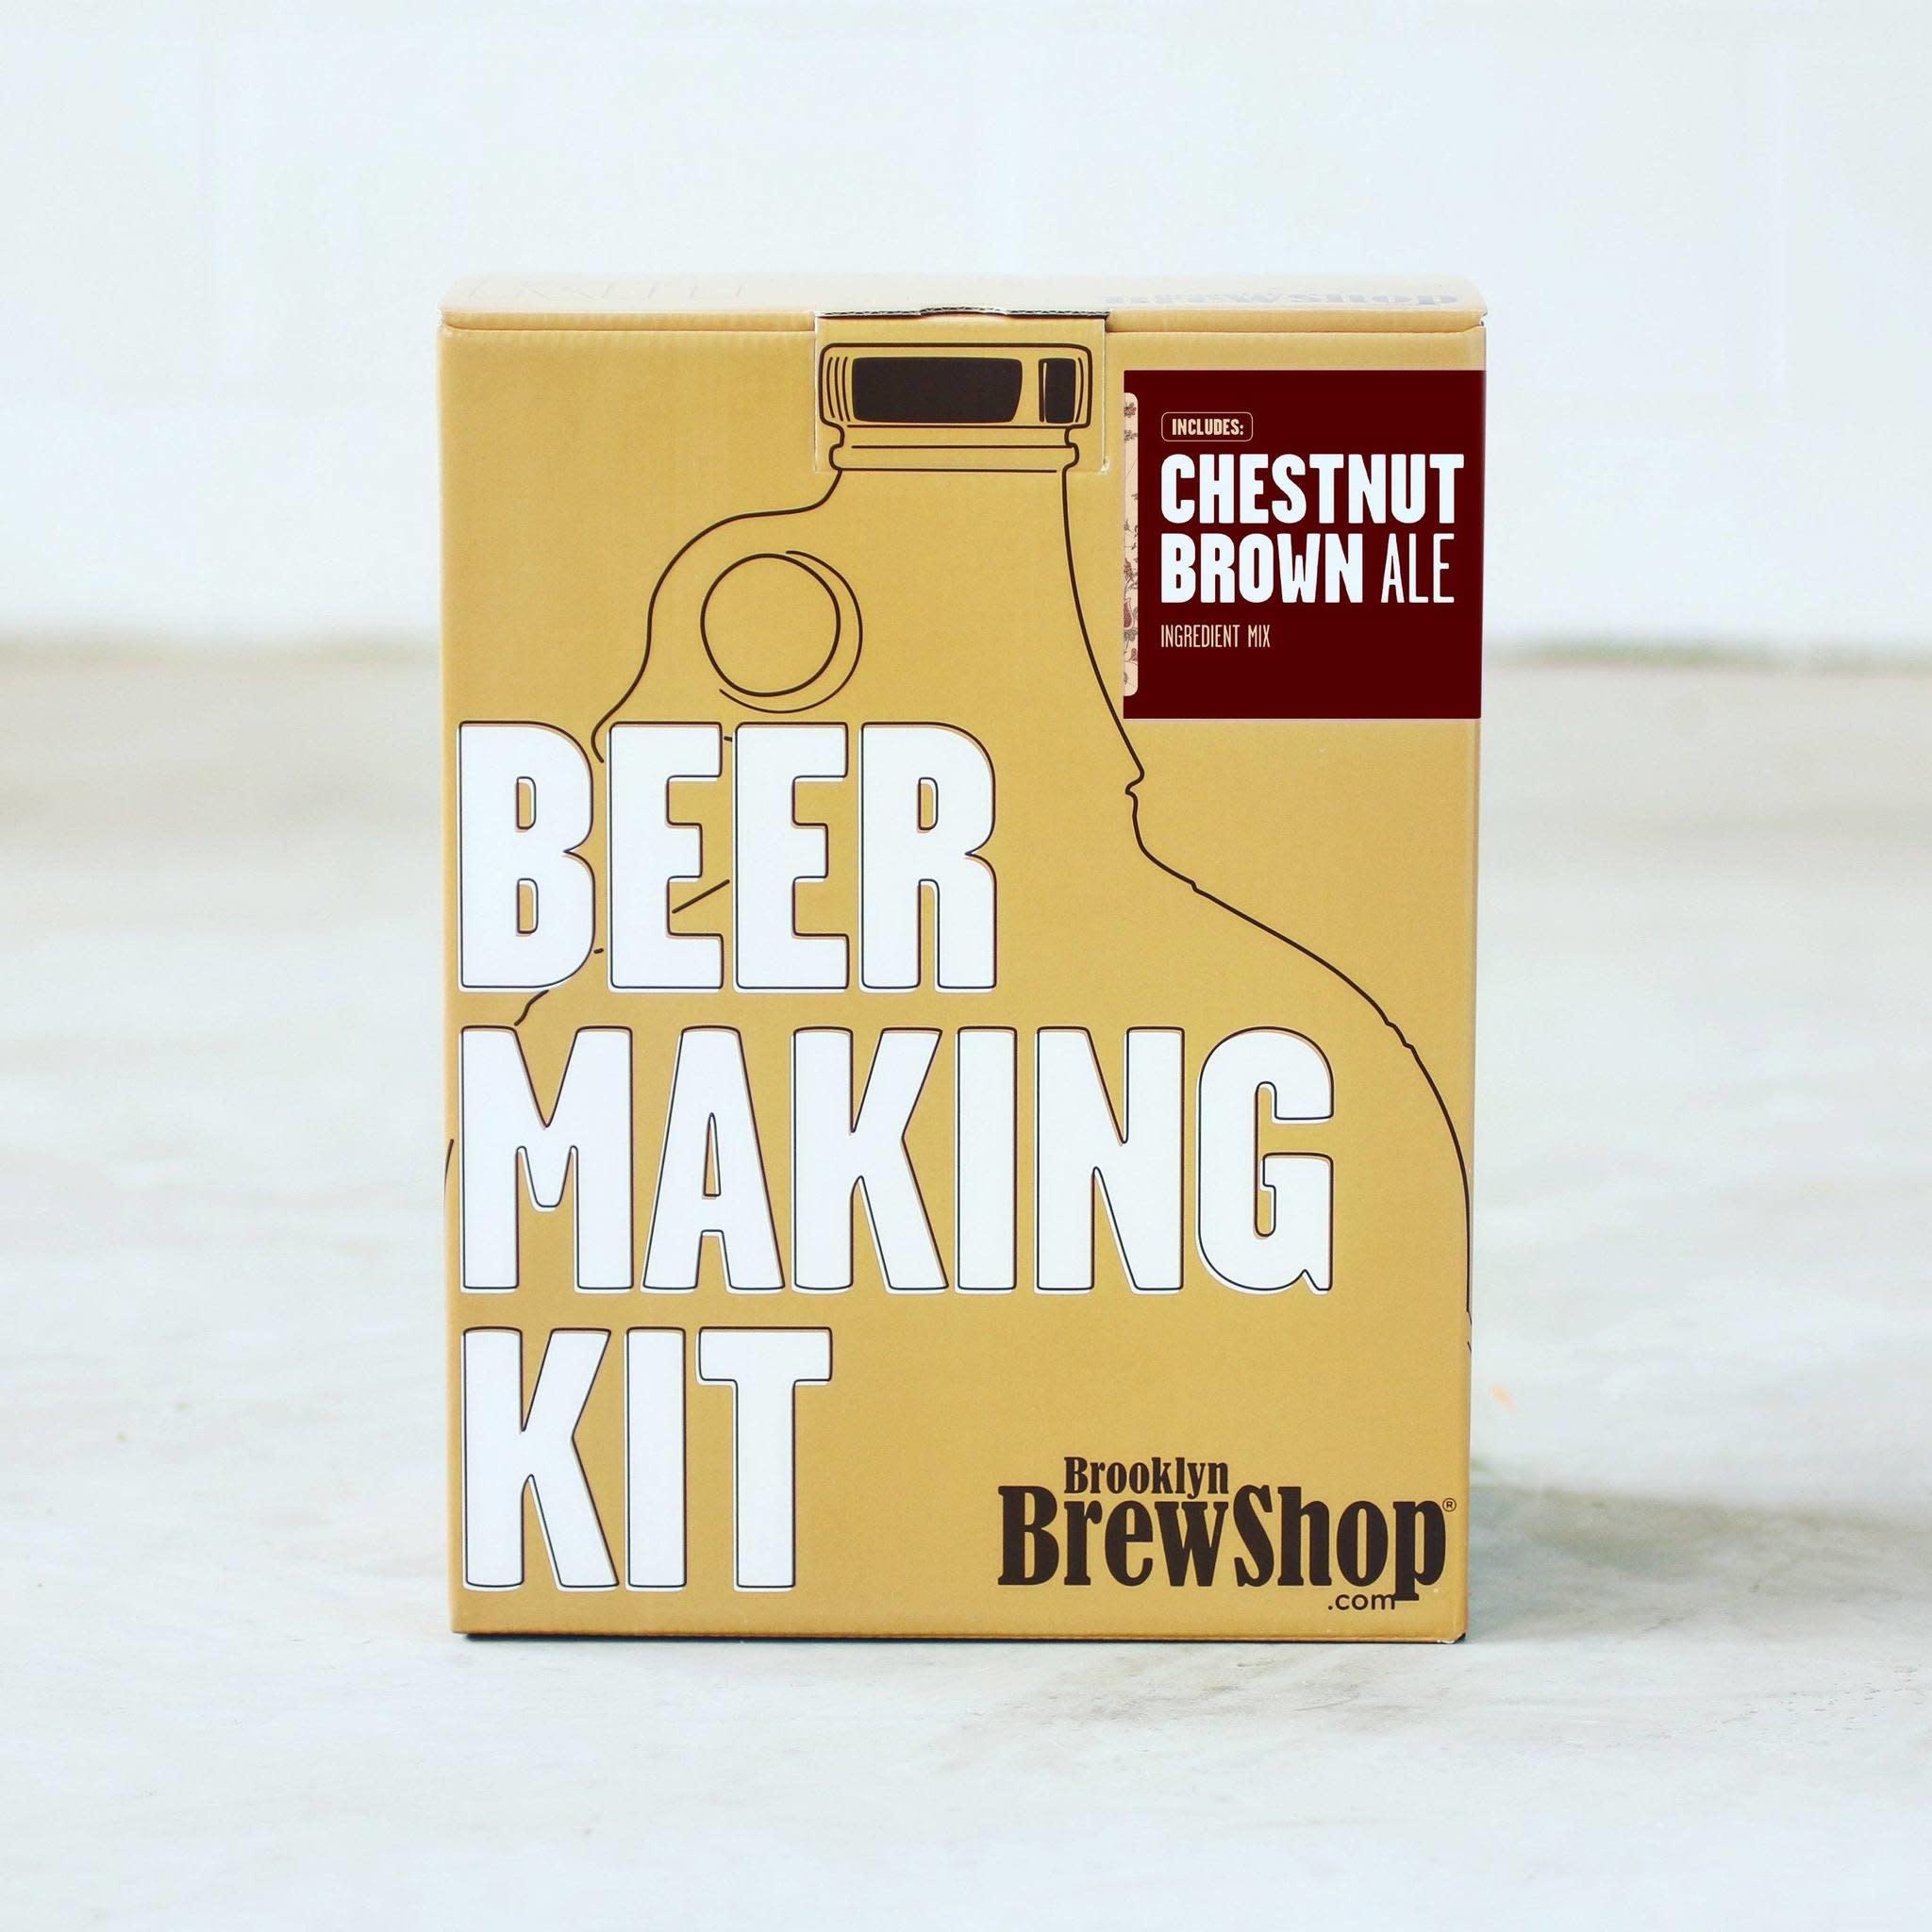 Brooklyn Brew Shop Chestnut Brown Ale